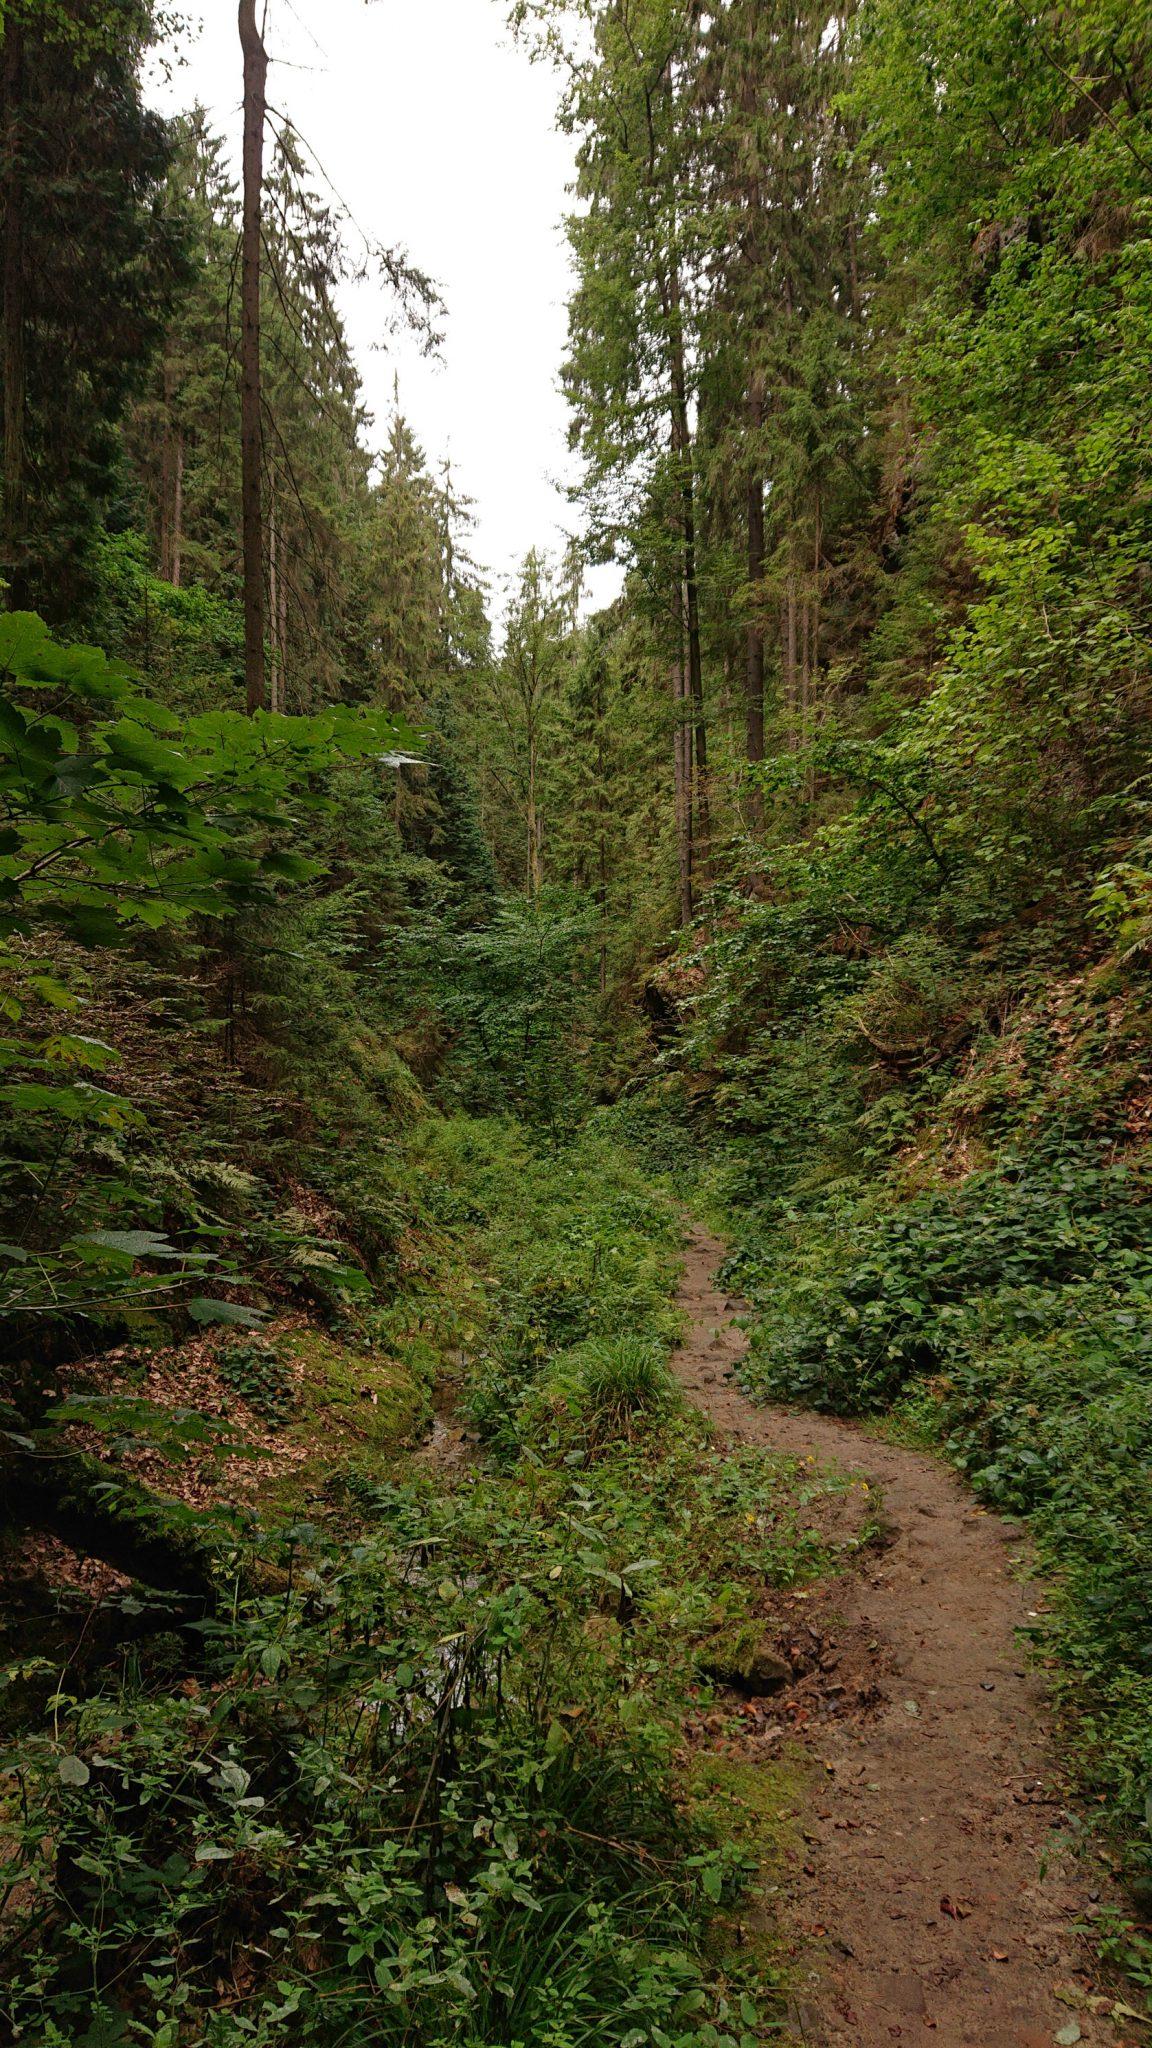 Wanderung durch Polenztal zur Bastei und zu Schwedenlöcher, Wanderweg im Polenztal, saftig grüner Wald, schmaler Pfad